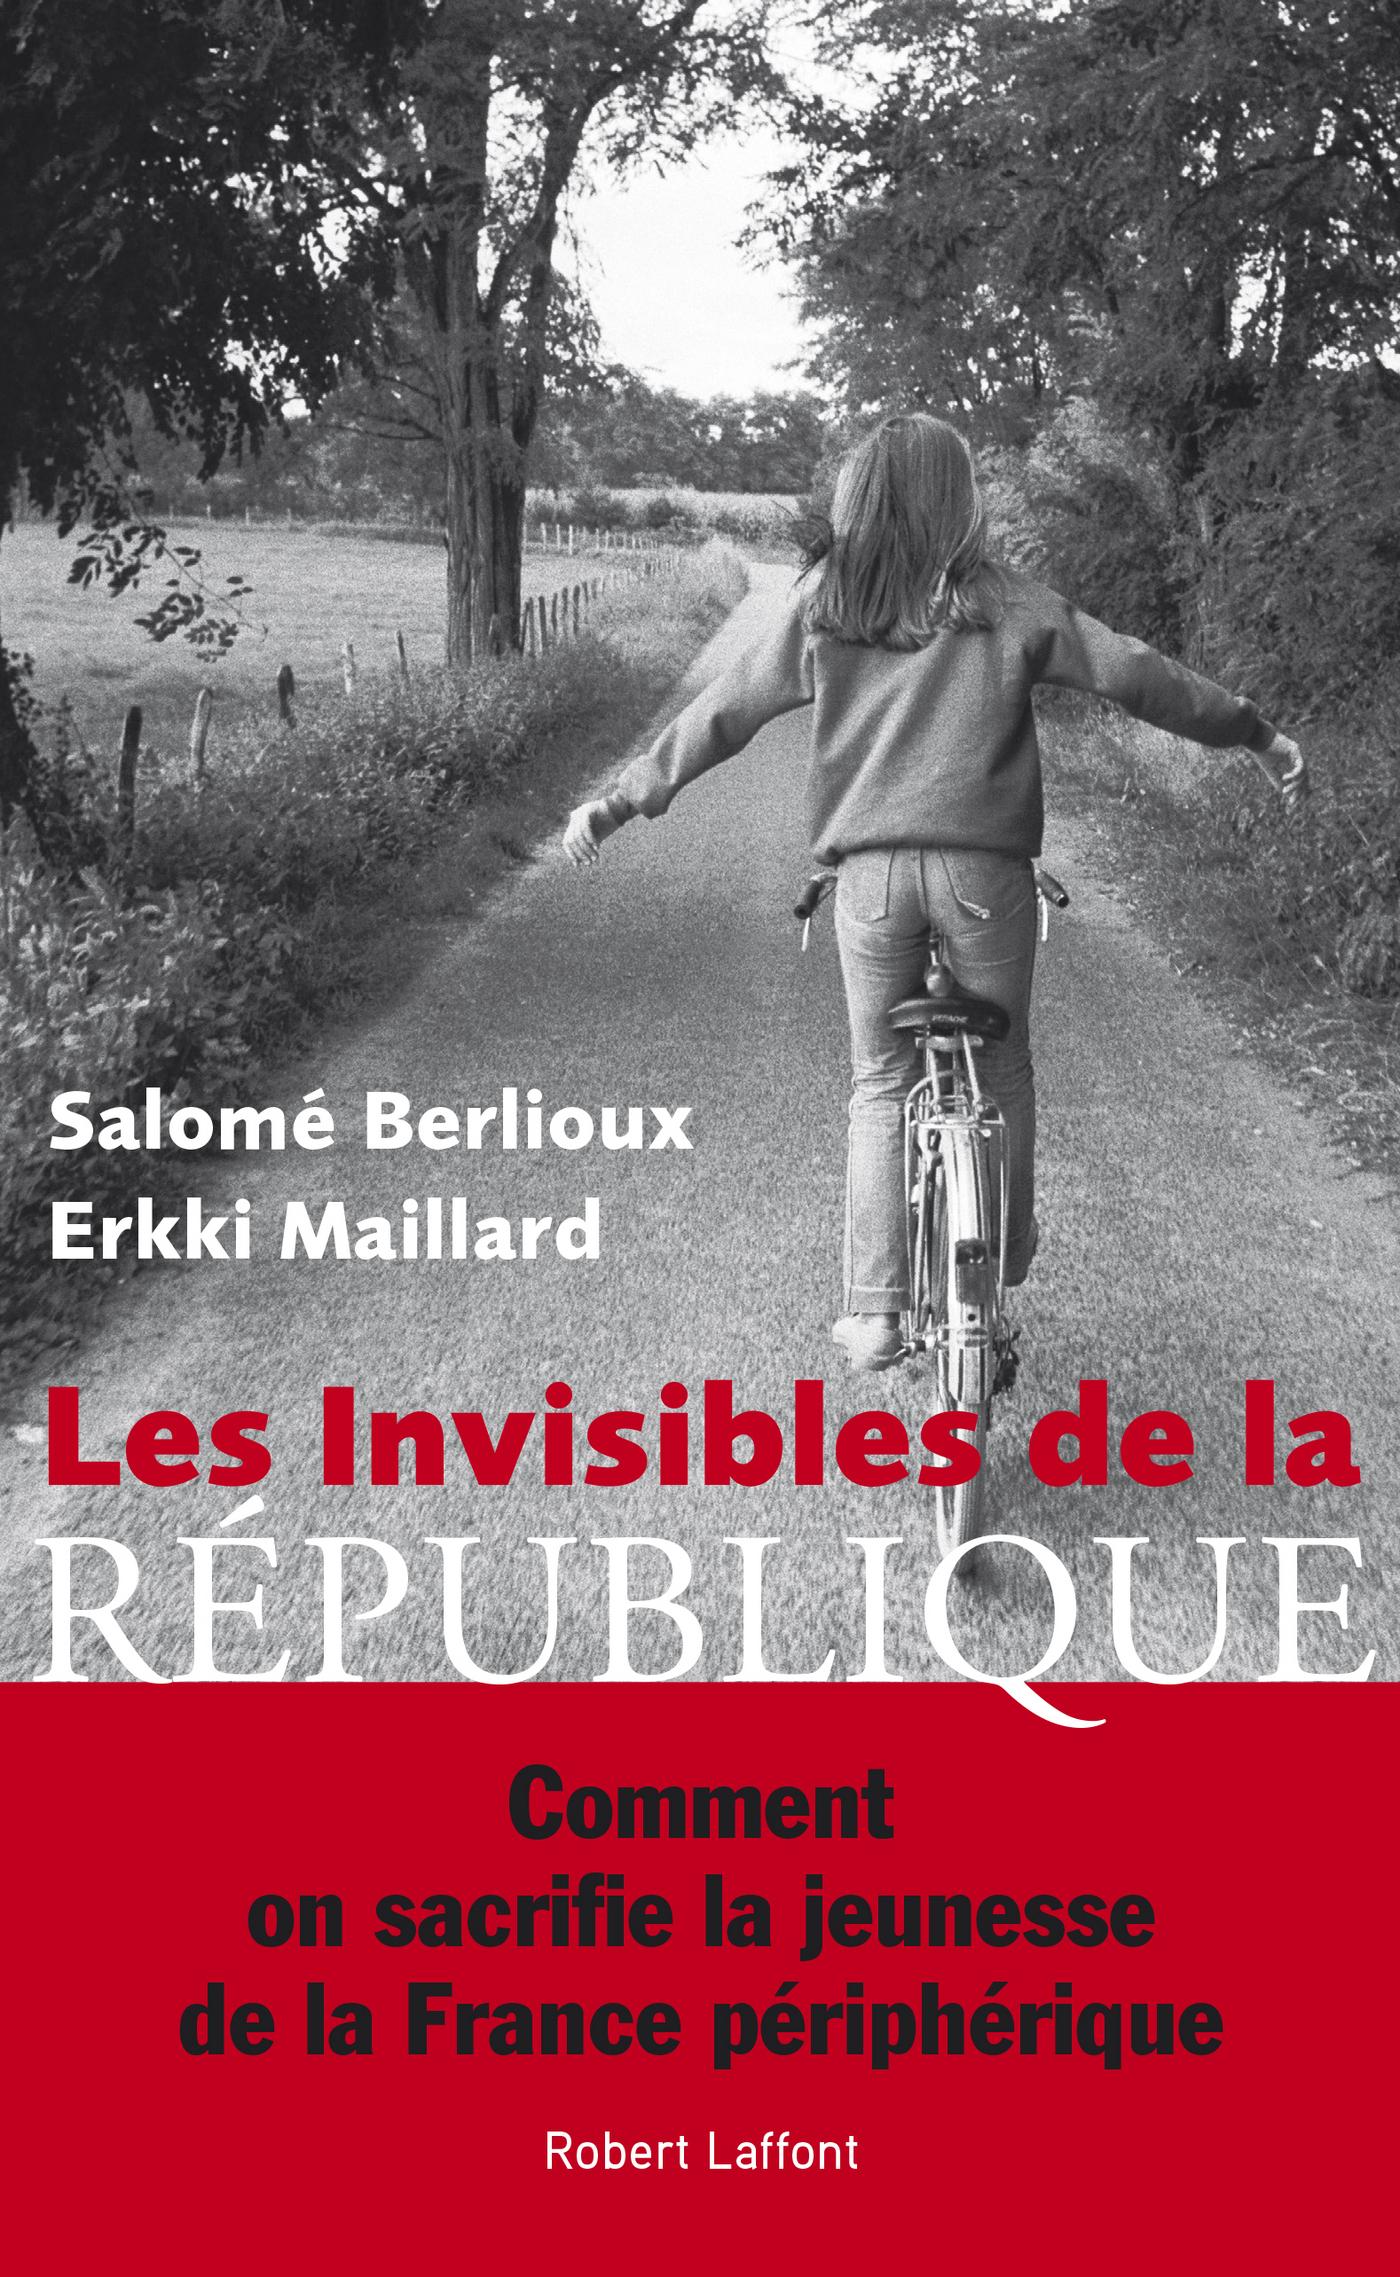 Les Invisibles de la République | BERLIOUX, Salomé